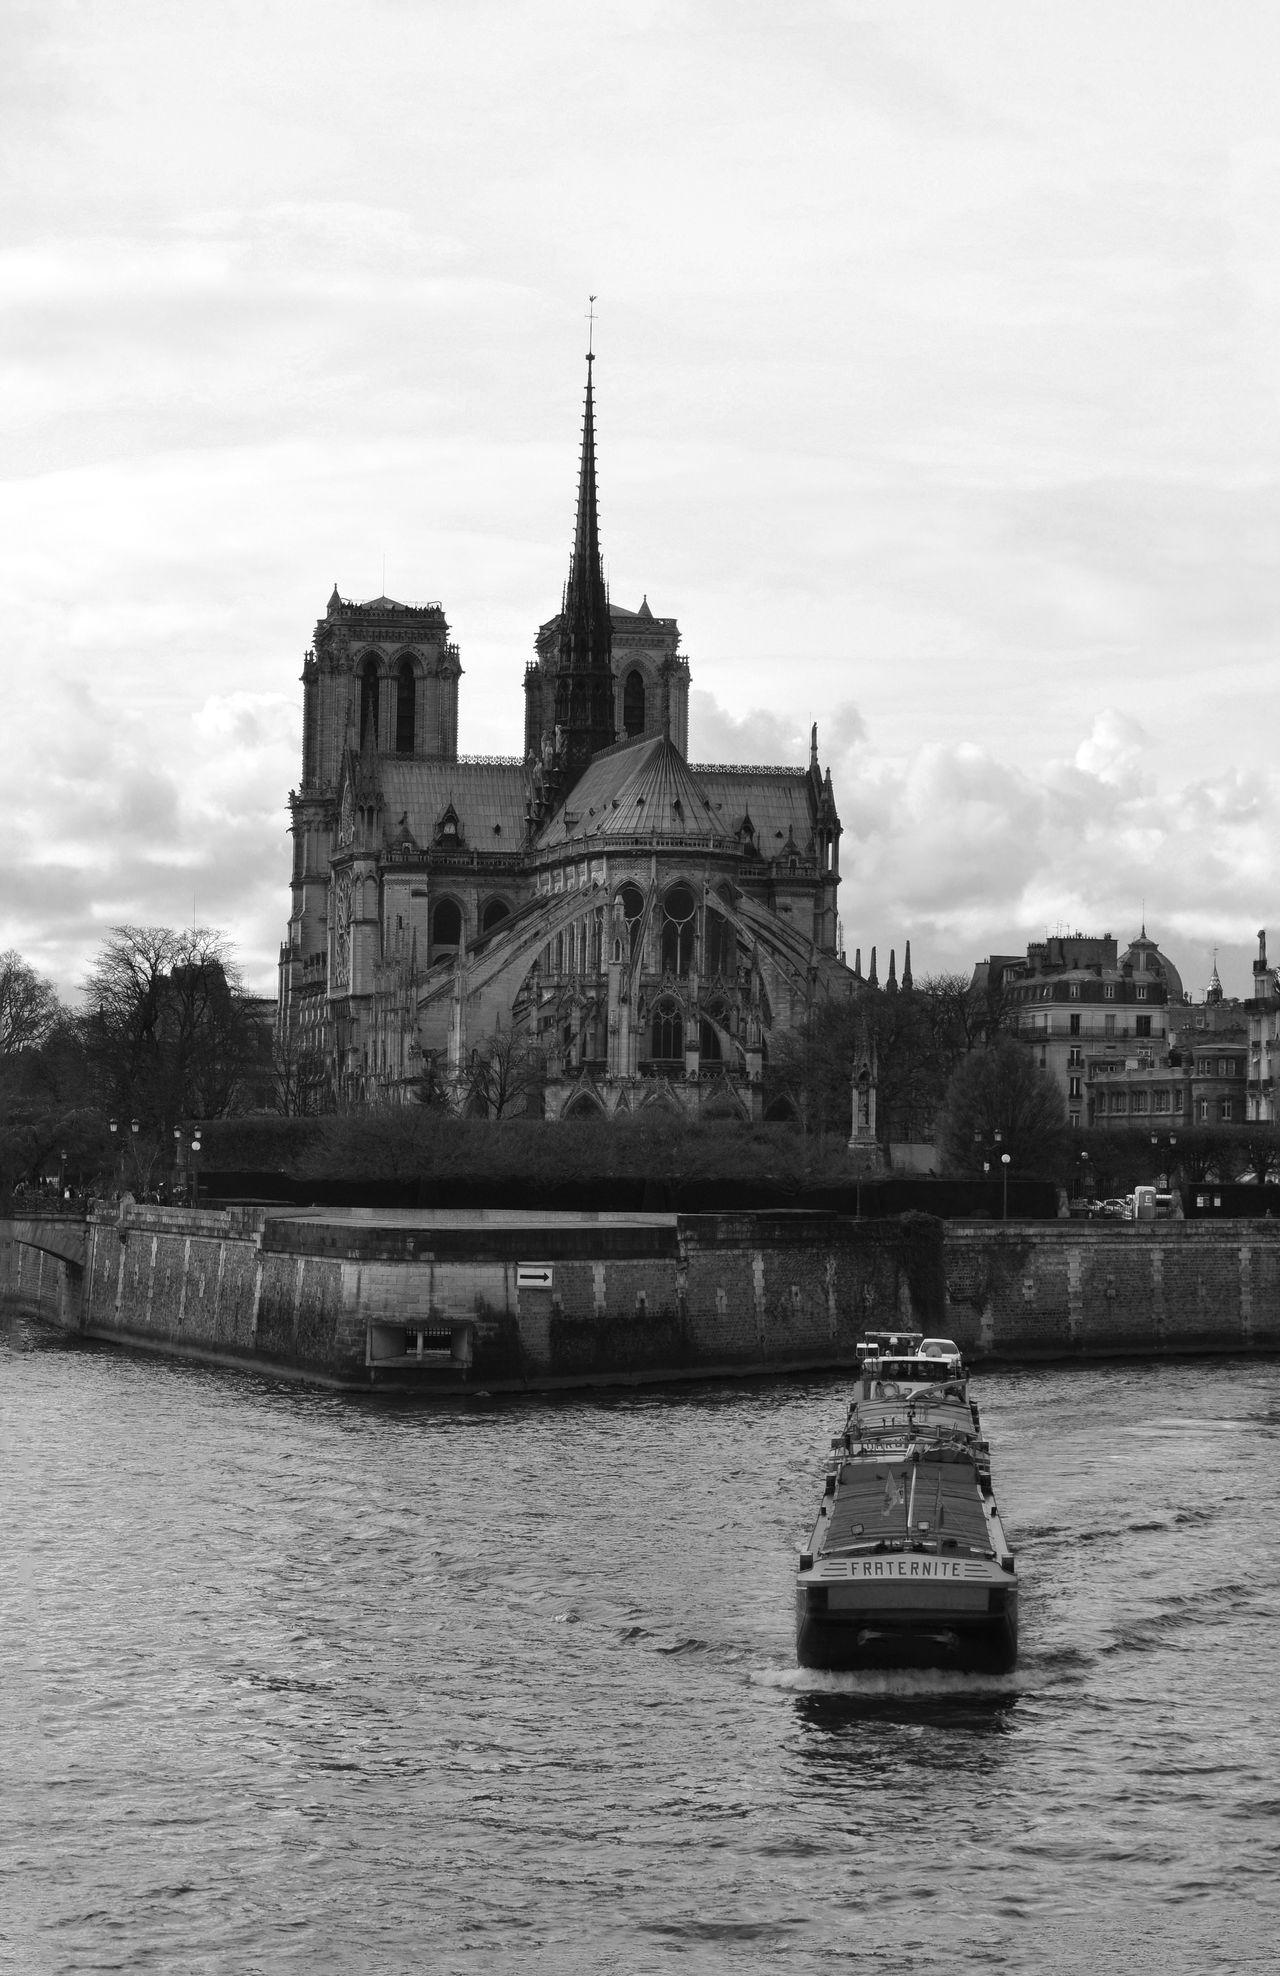 Notre belle Dame ! Architecture Building Exterior Built Structure City Cloud - Sky Notre Dame De Paris Notre-Dame Paris River Sky Transportation Travel Tree Water